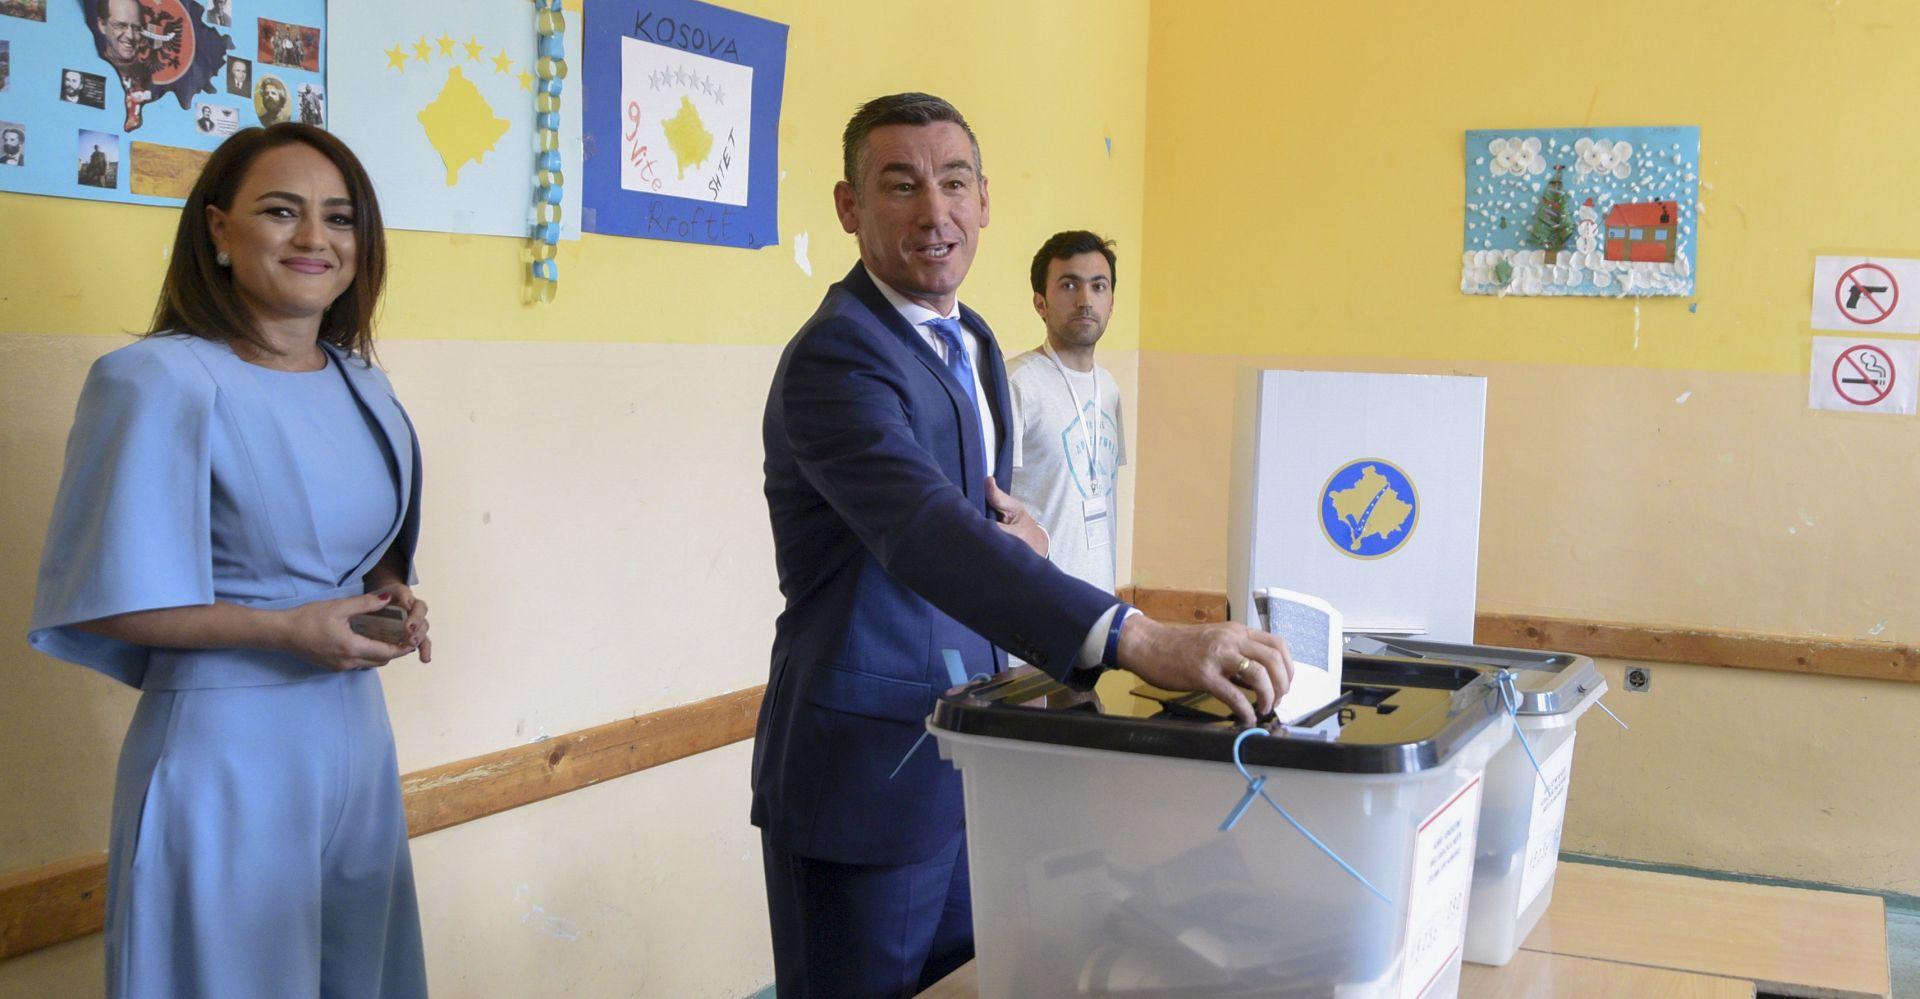 'Što prije prizna Kosovo, Srbija će prije u EU'